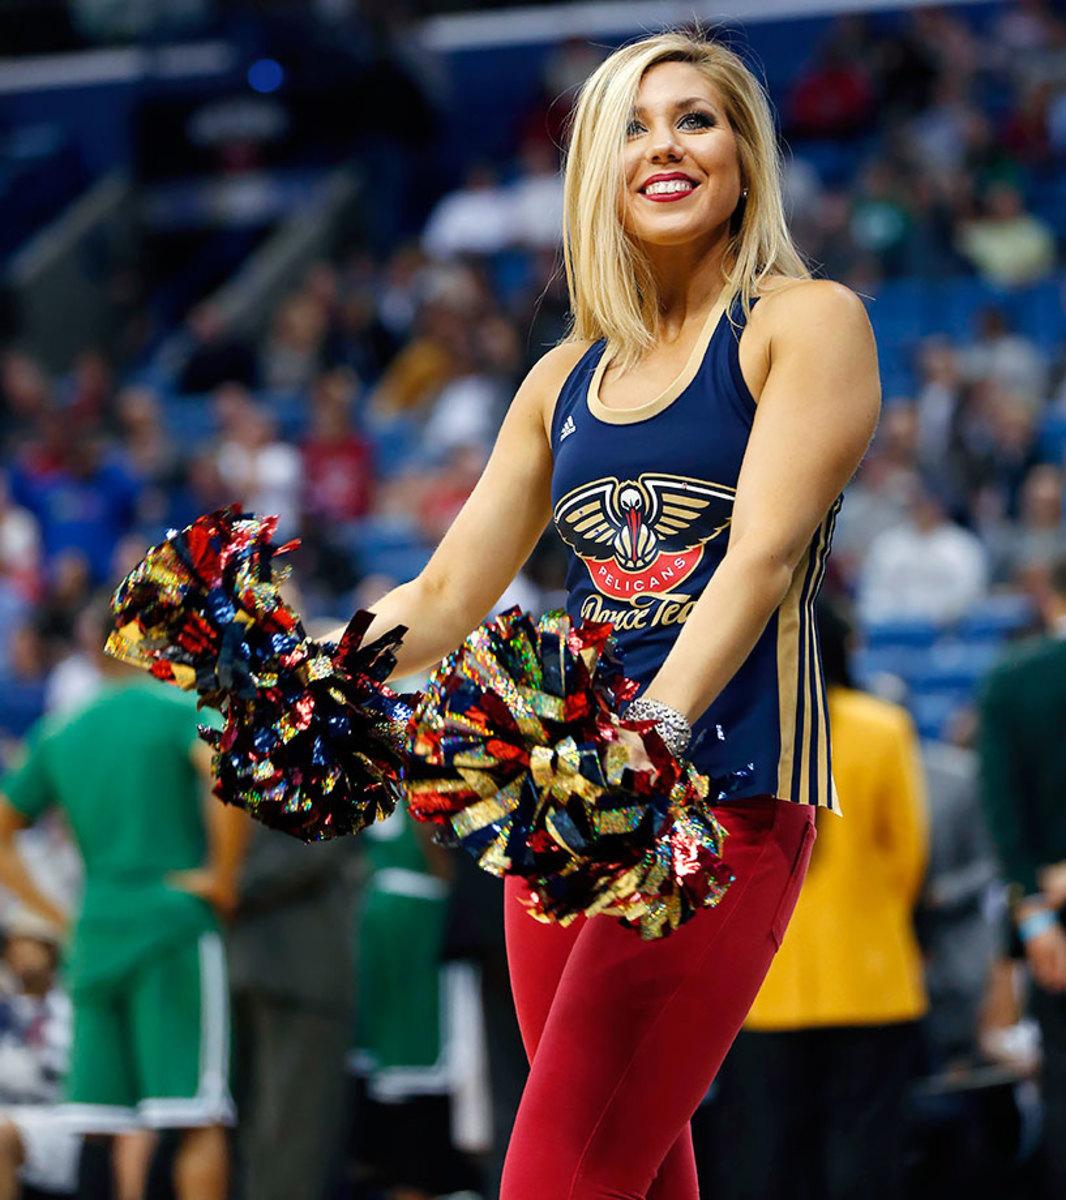 New-Orleans-Pelicans-Dancers-73ae4971d32e4d2fb57a22520712b669-0.jpg